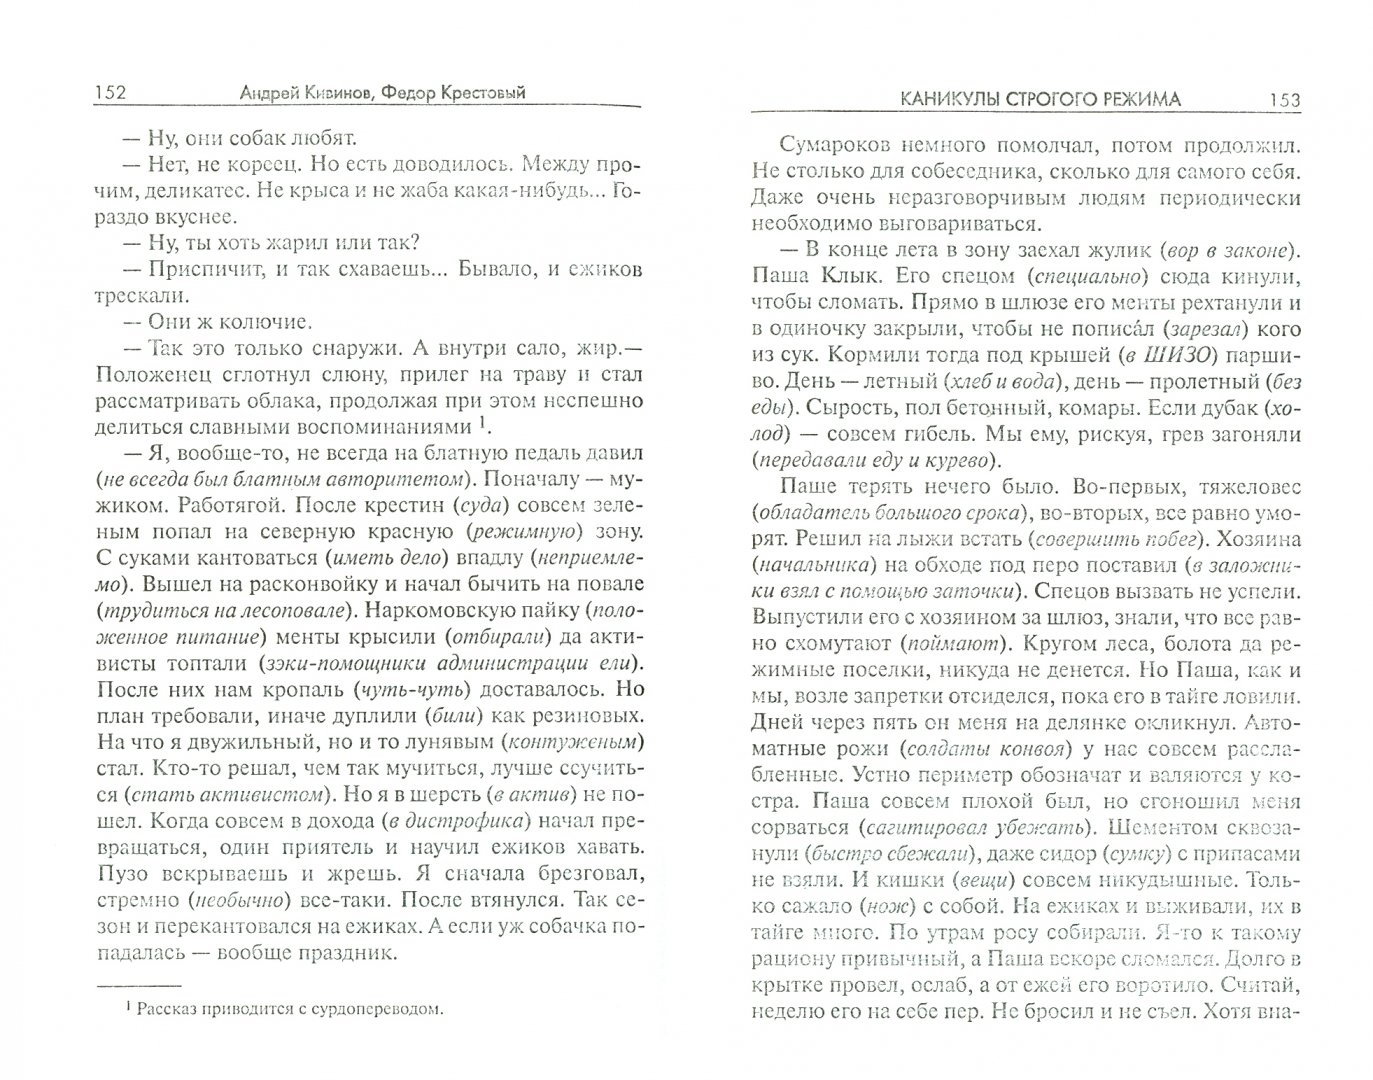 Иллюстрация 1 из 8 для Каникулы строгого режима - Кивинов, Крестовый | Лабиринт - книги. Источник: Лабиринт